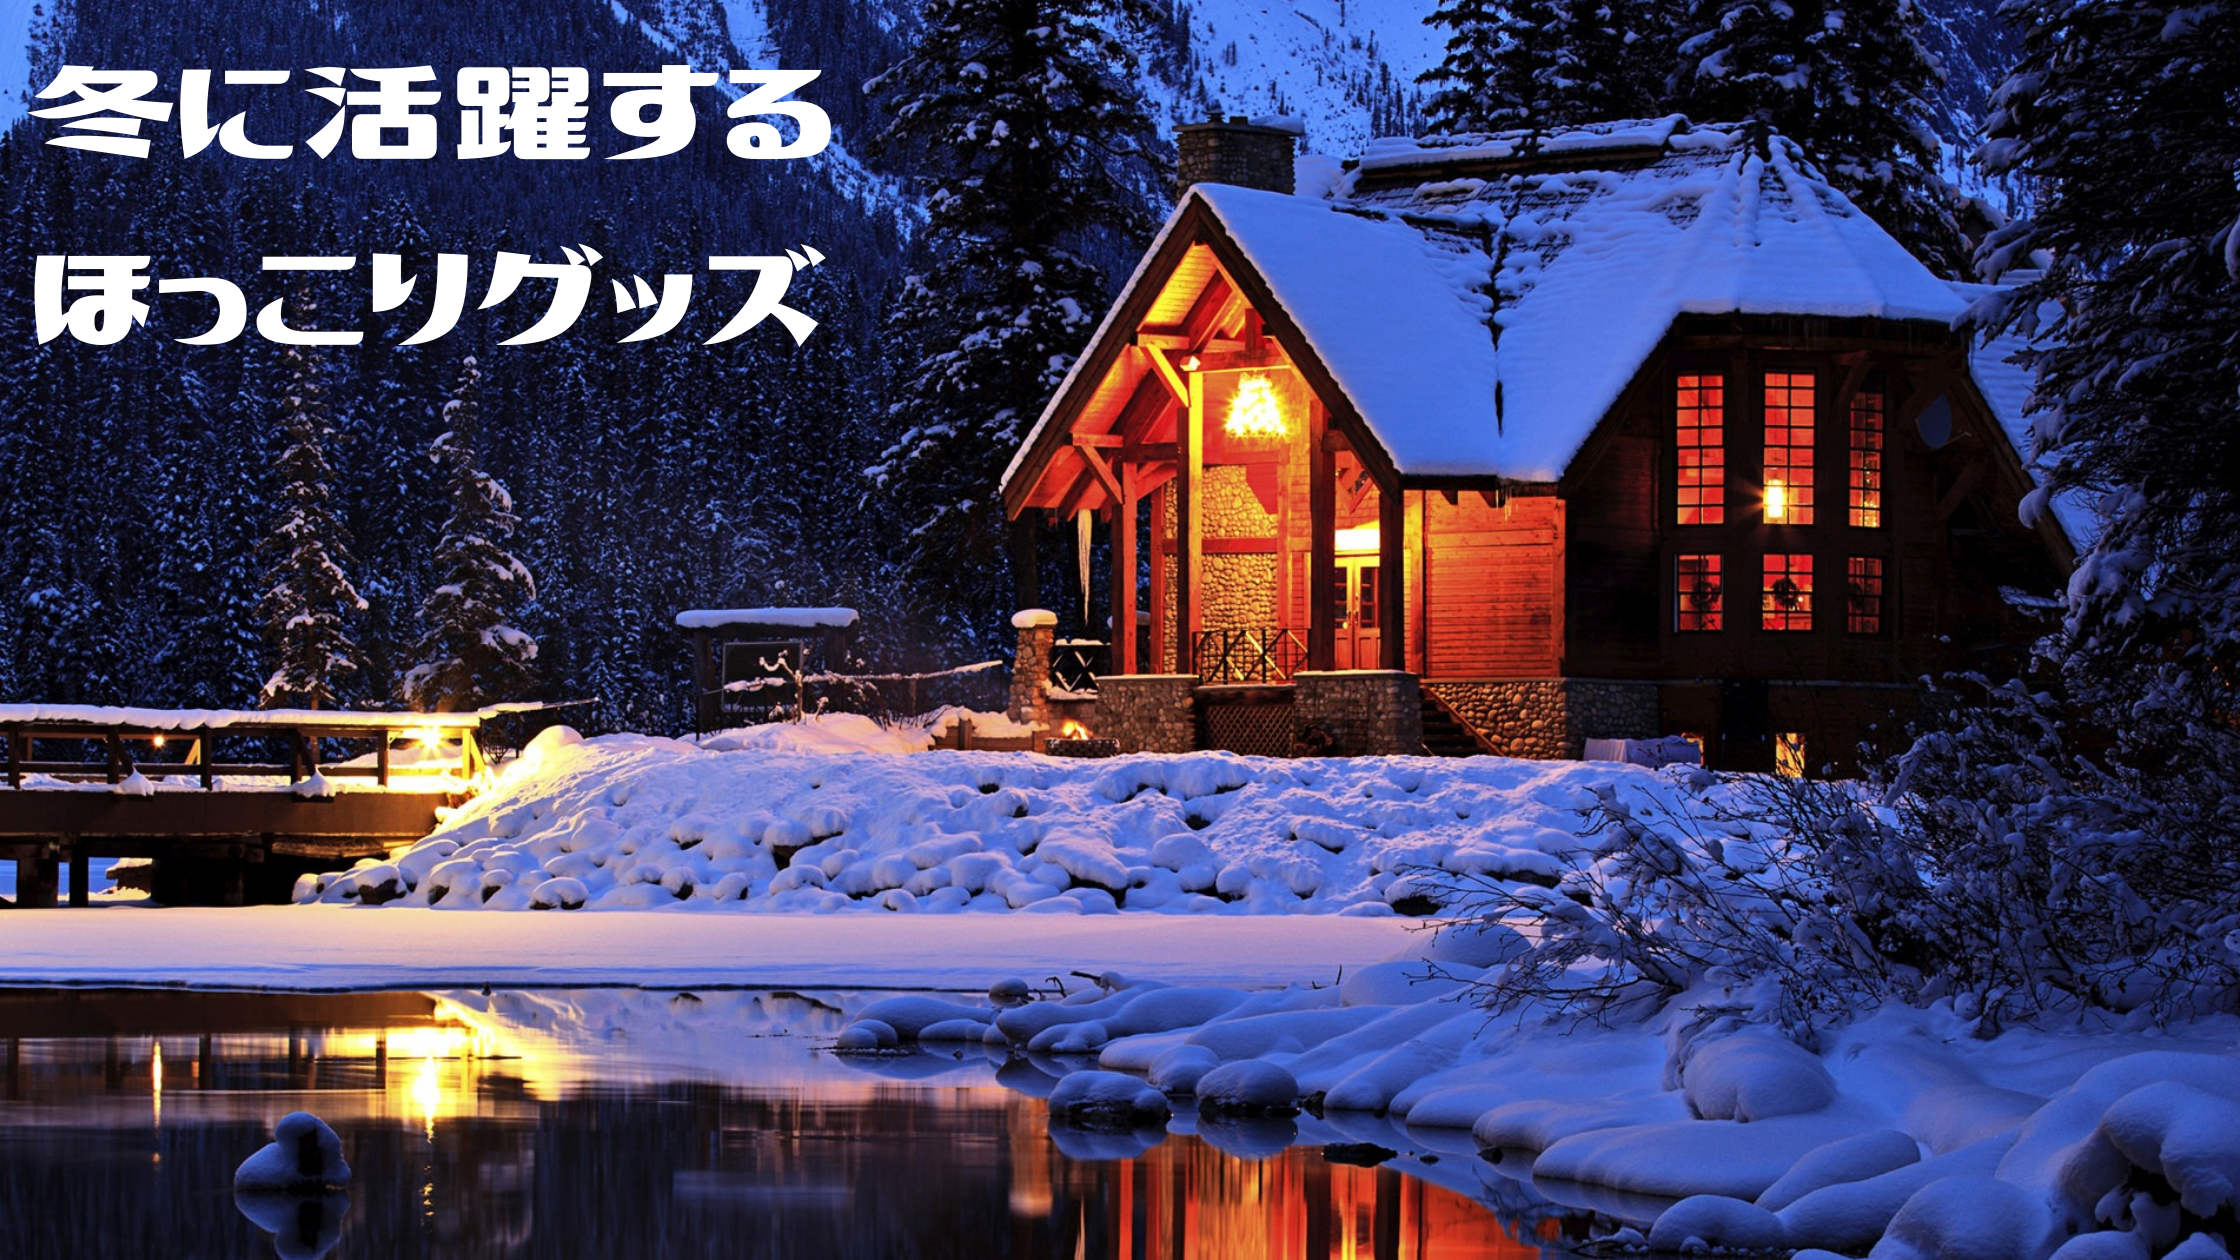 【ヒルナンデス】冬のトレンド『着れるこたつ』『塗るニット』『シワを伸ばす乾燥機』冬に役立つアイテム